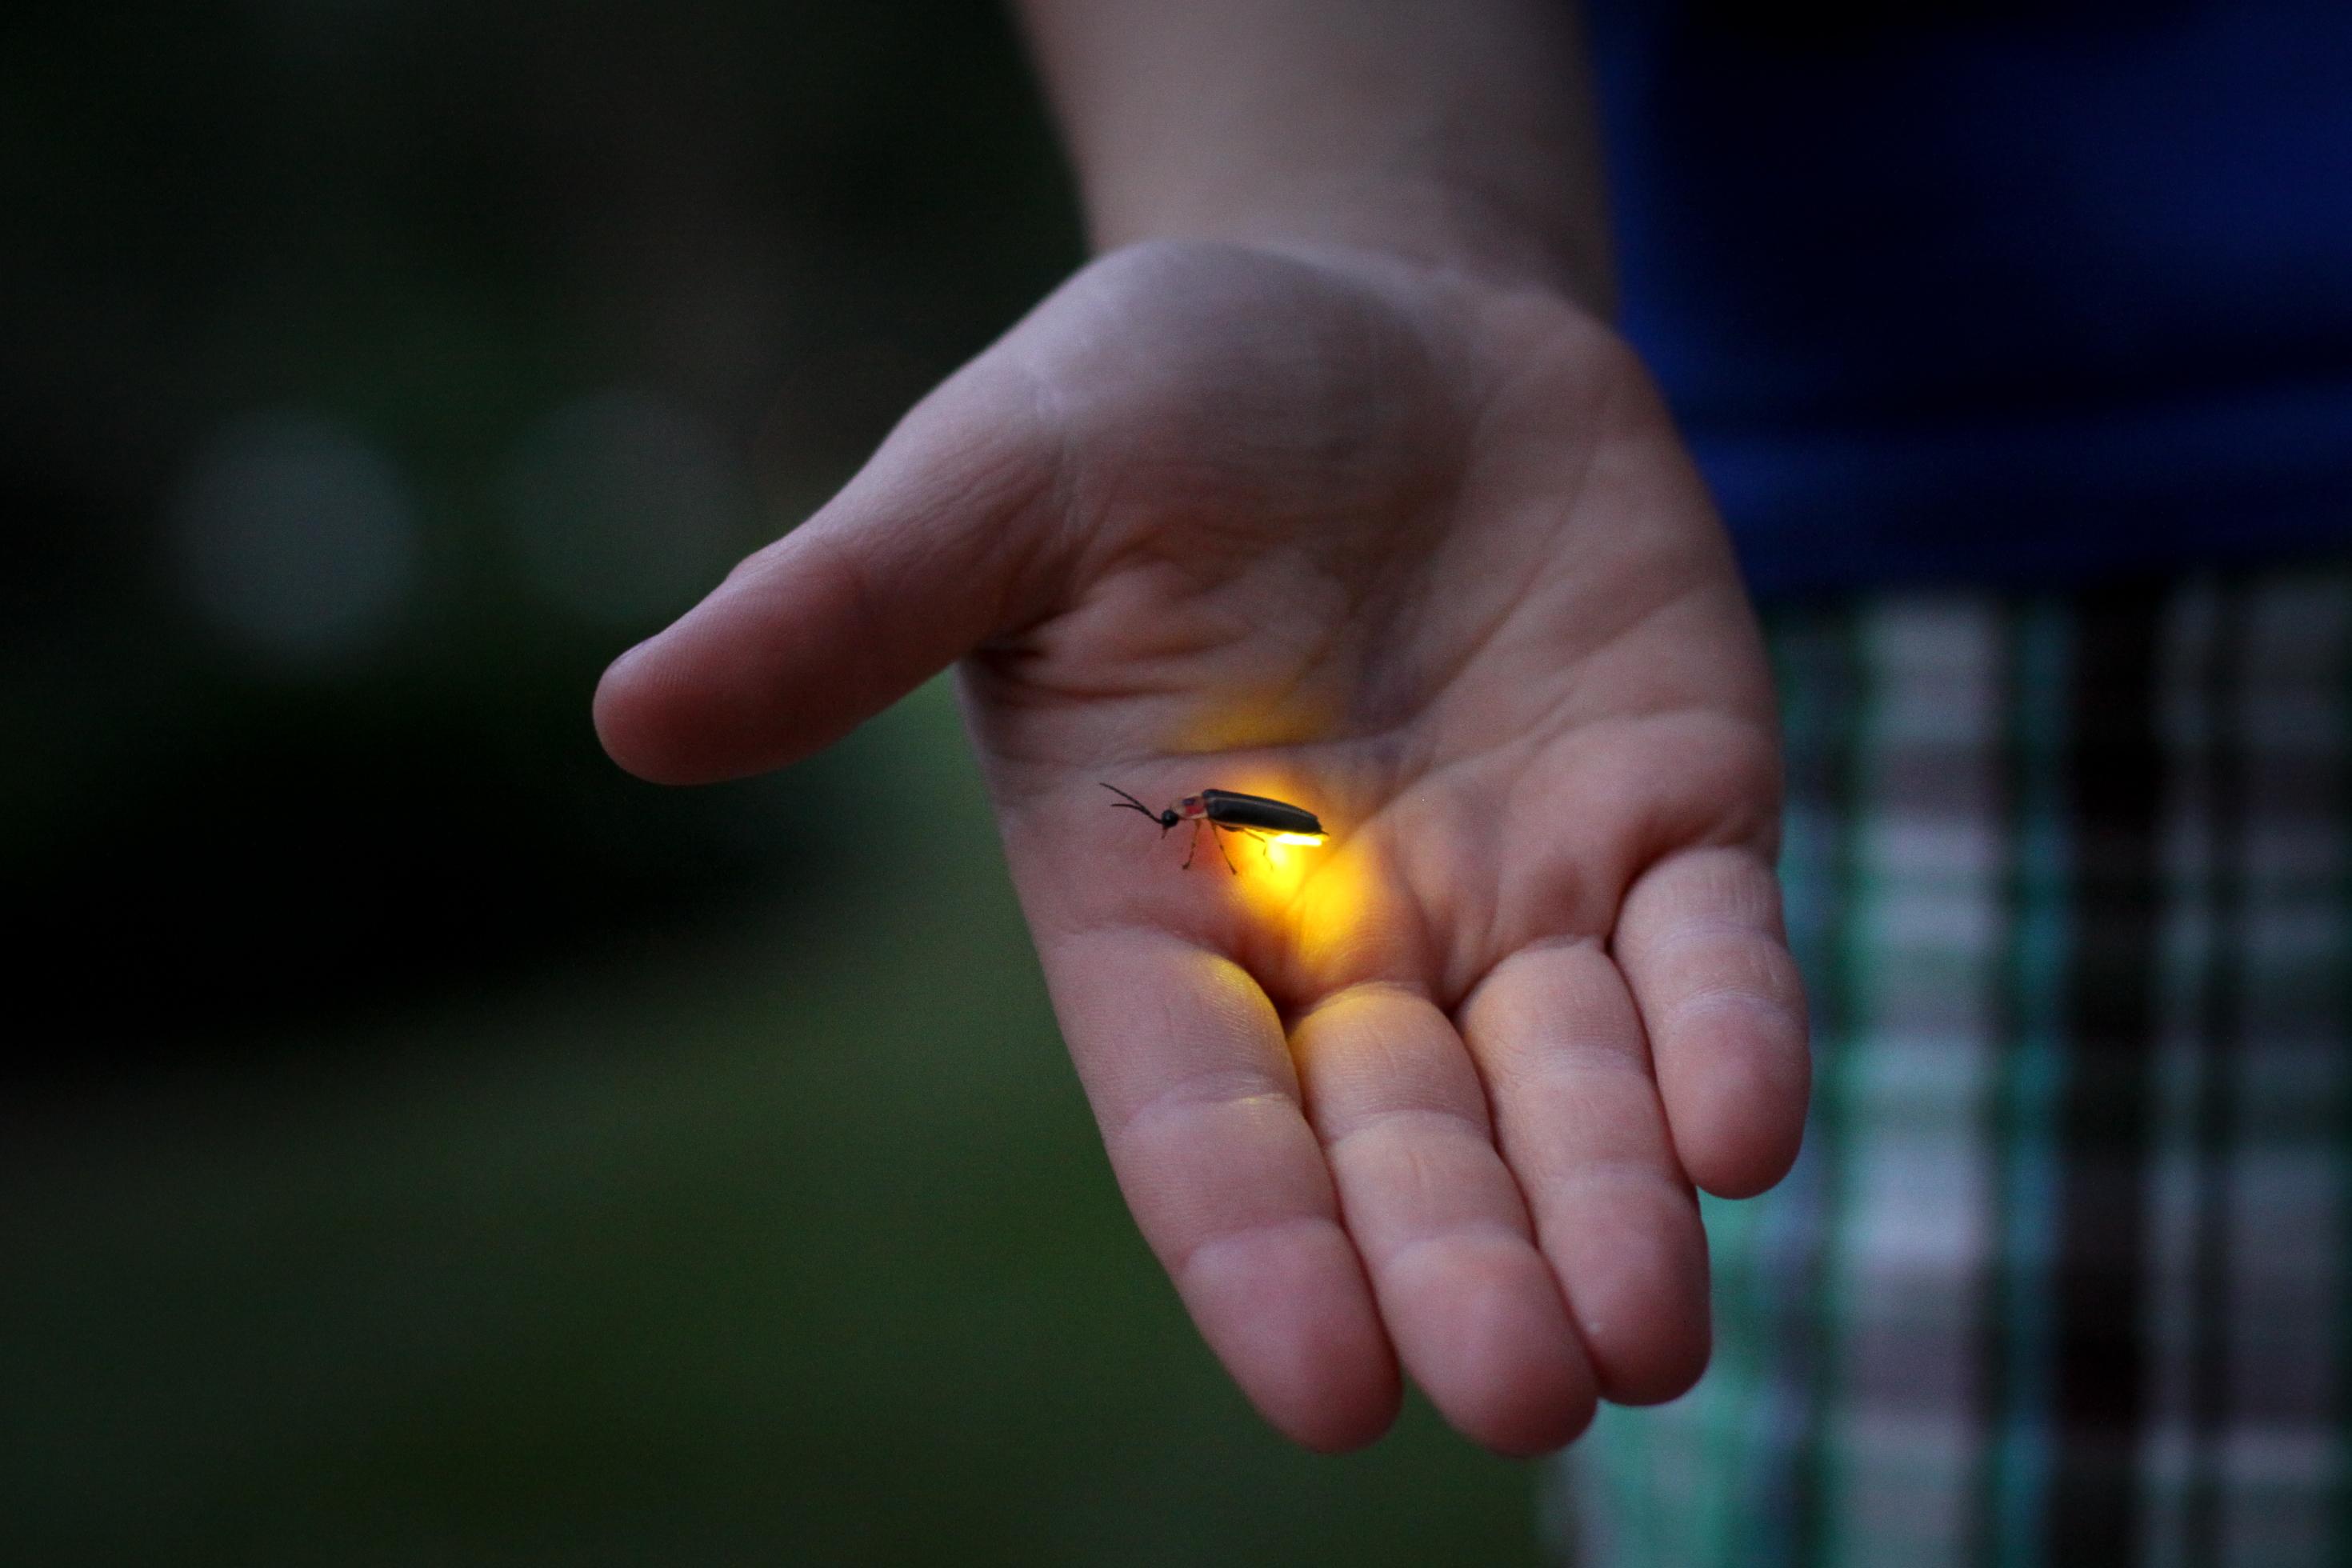 firefly next door nature